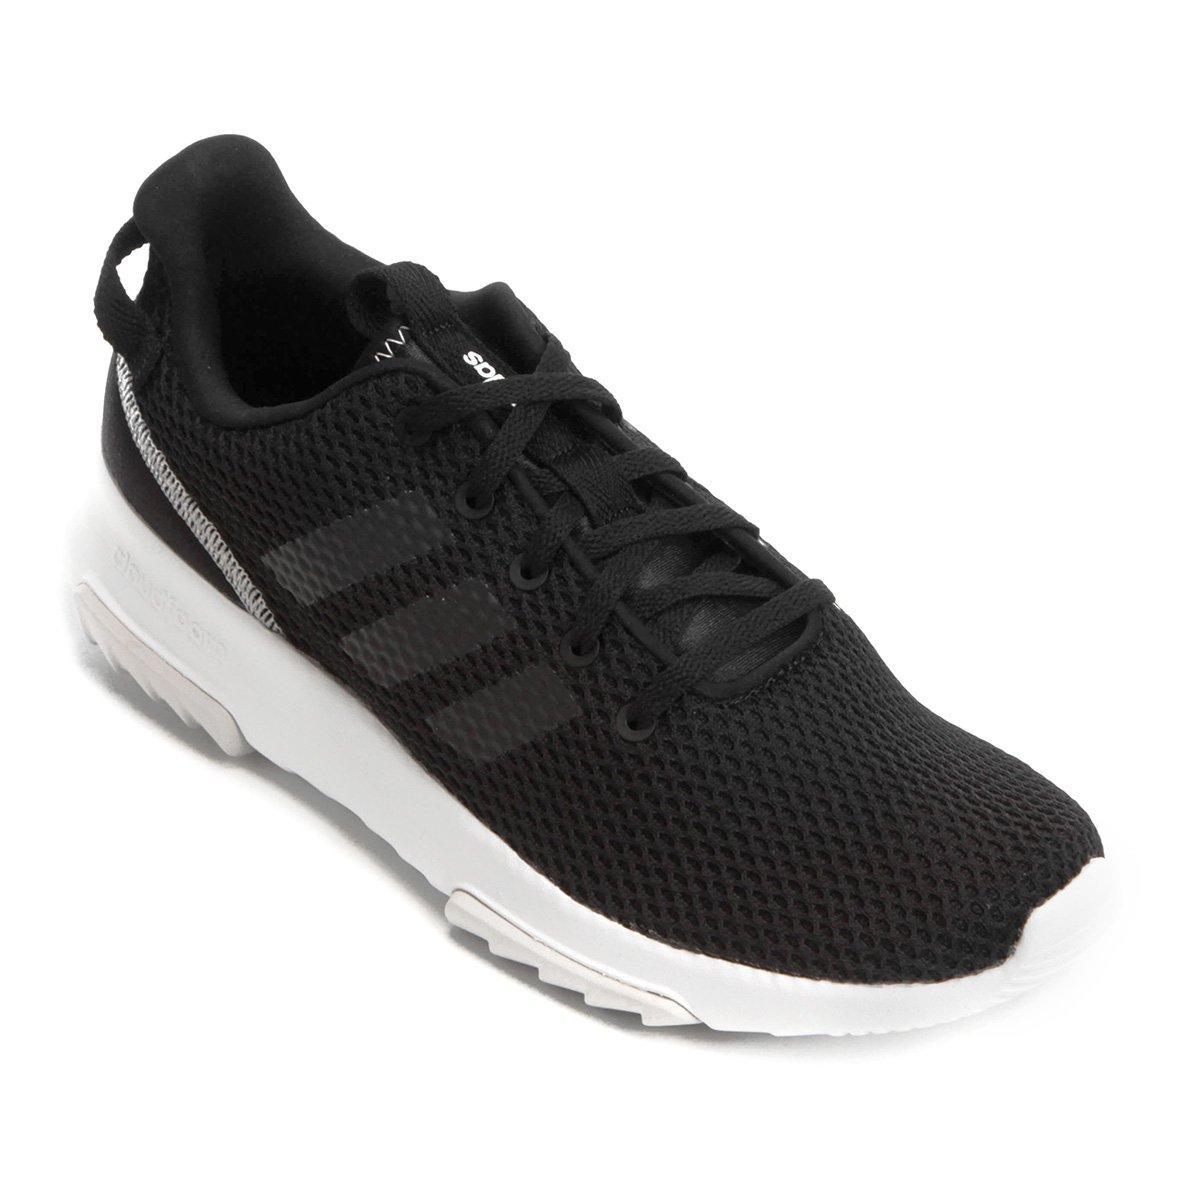 Tênis Adidas Cf Racer Tr W Feminino